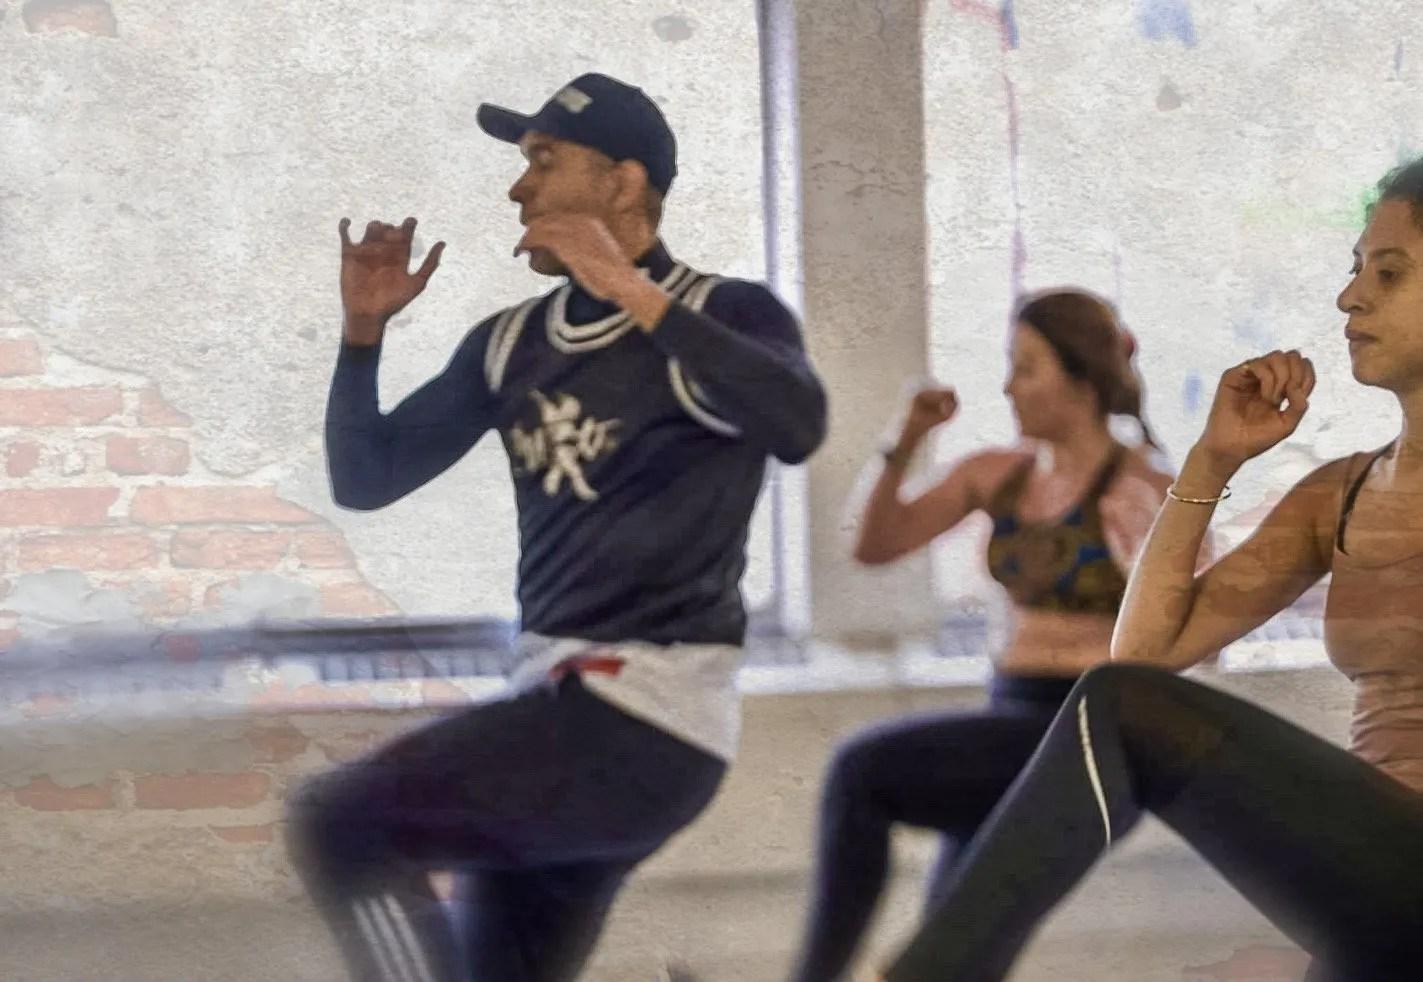 Cubatone fitness class in bristol